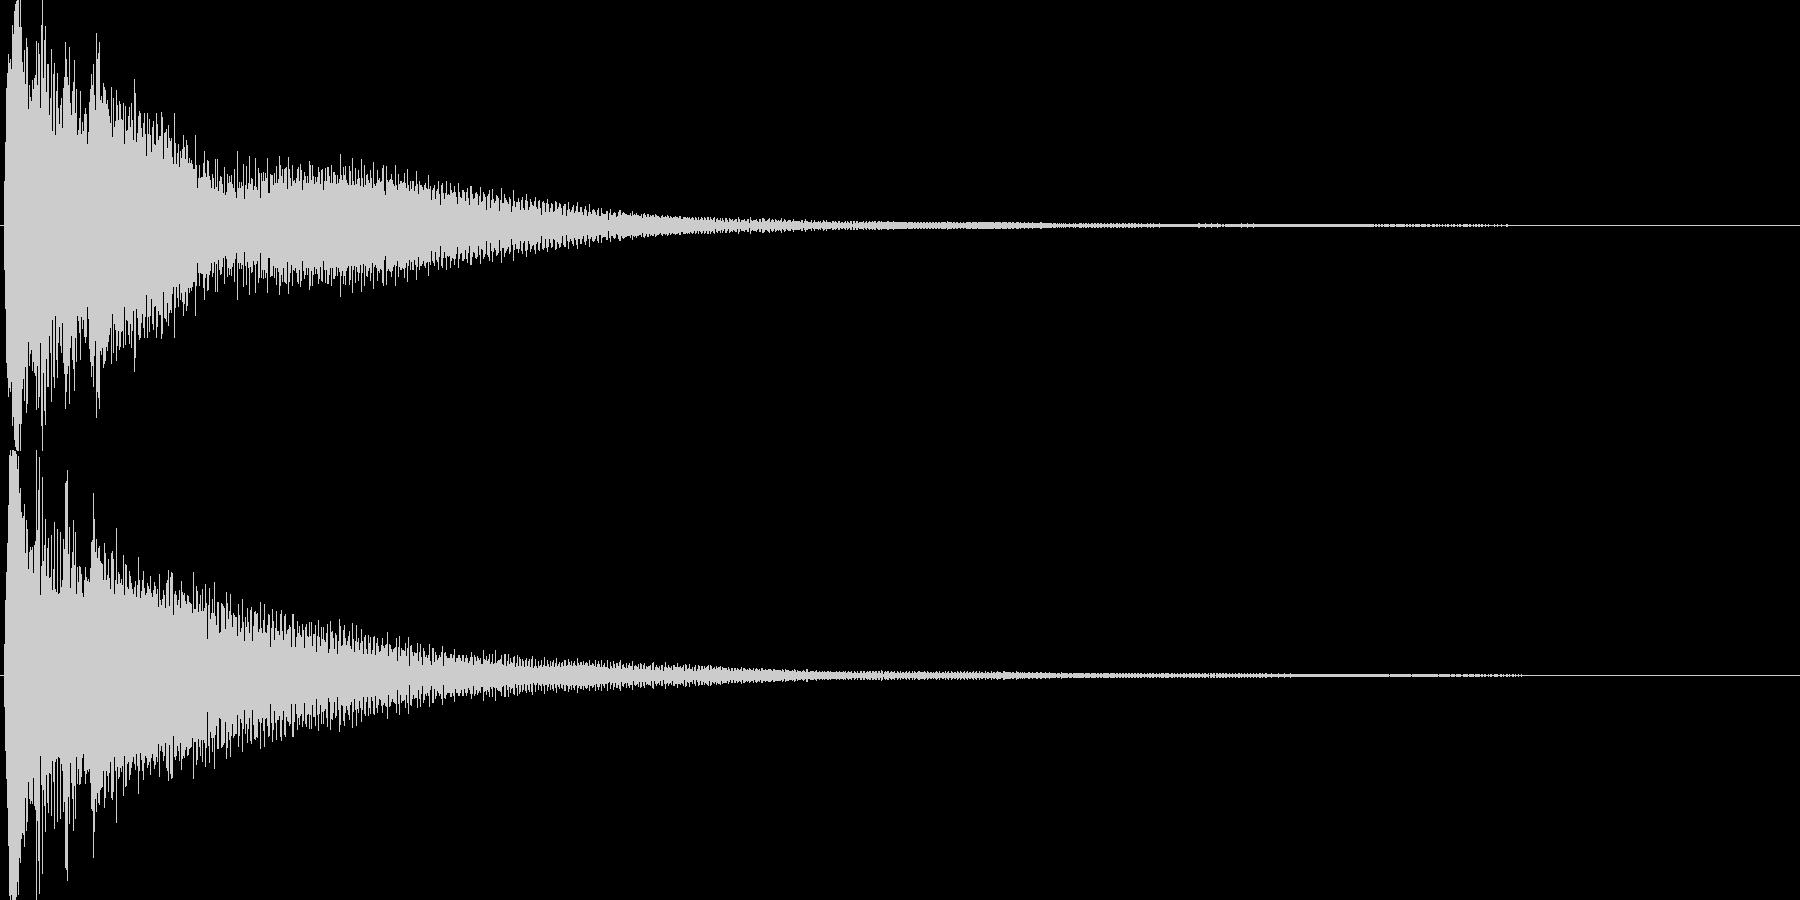 ゲーム(レアアイテム入手、決定音)などの未再生の波形